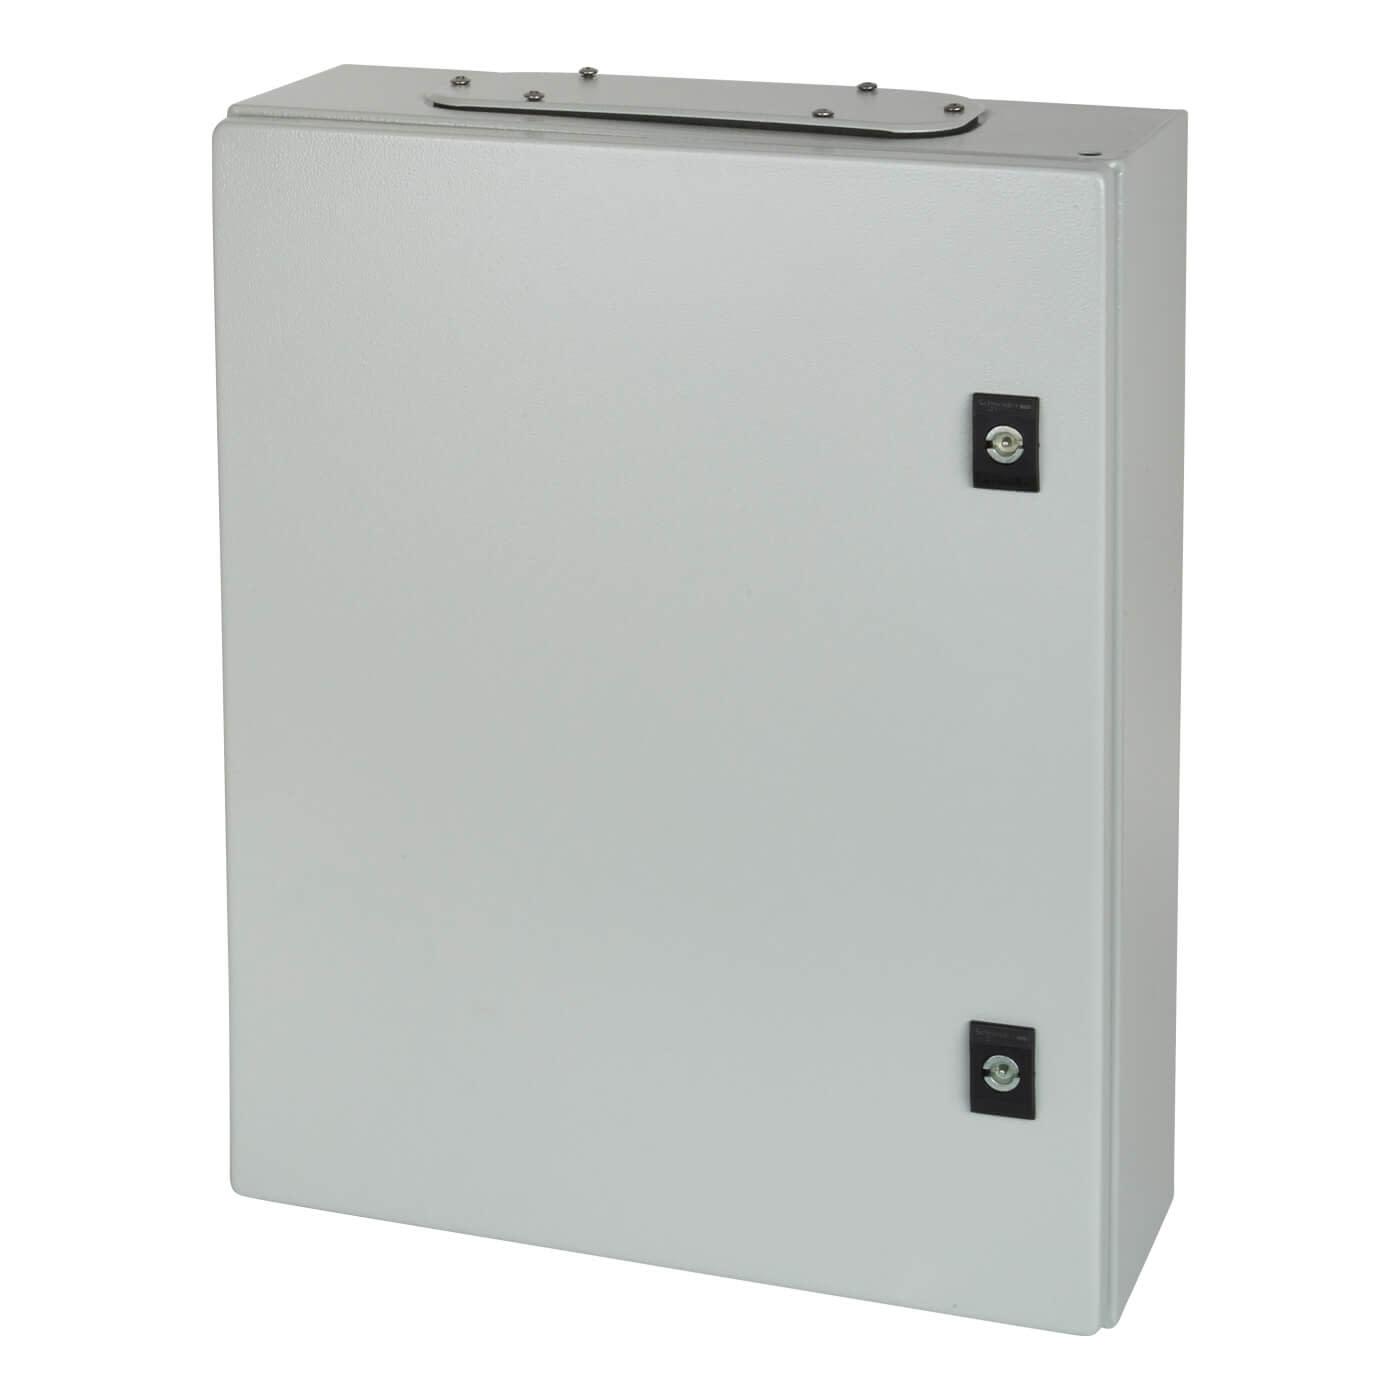 Schneider Metal Enclosure - 400 x 300 x 150mm)